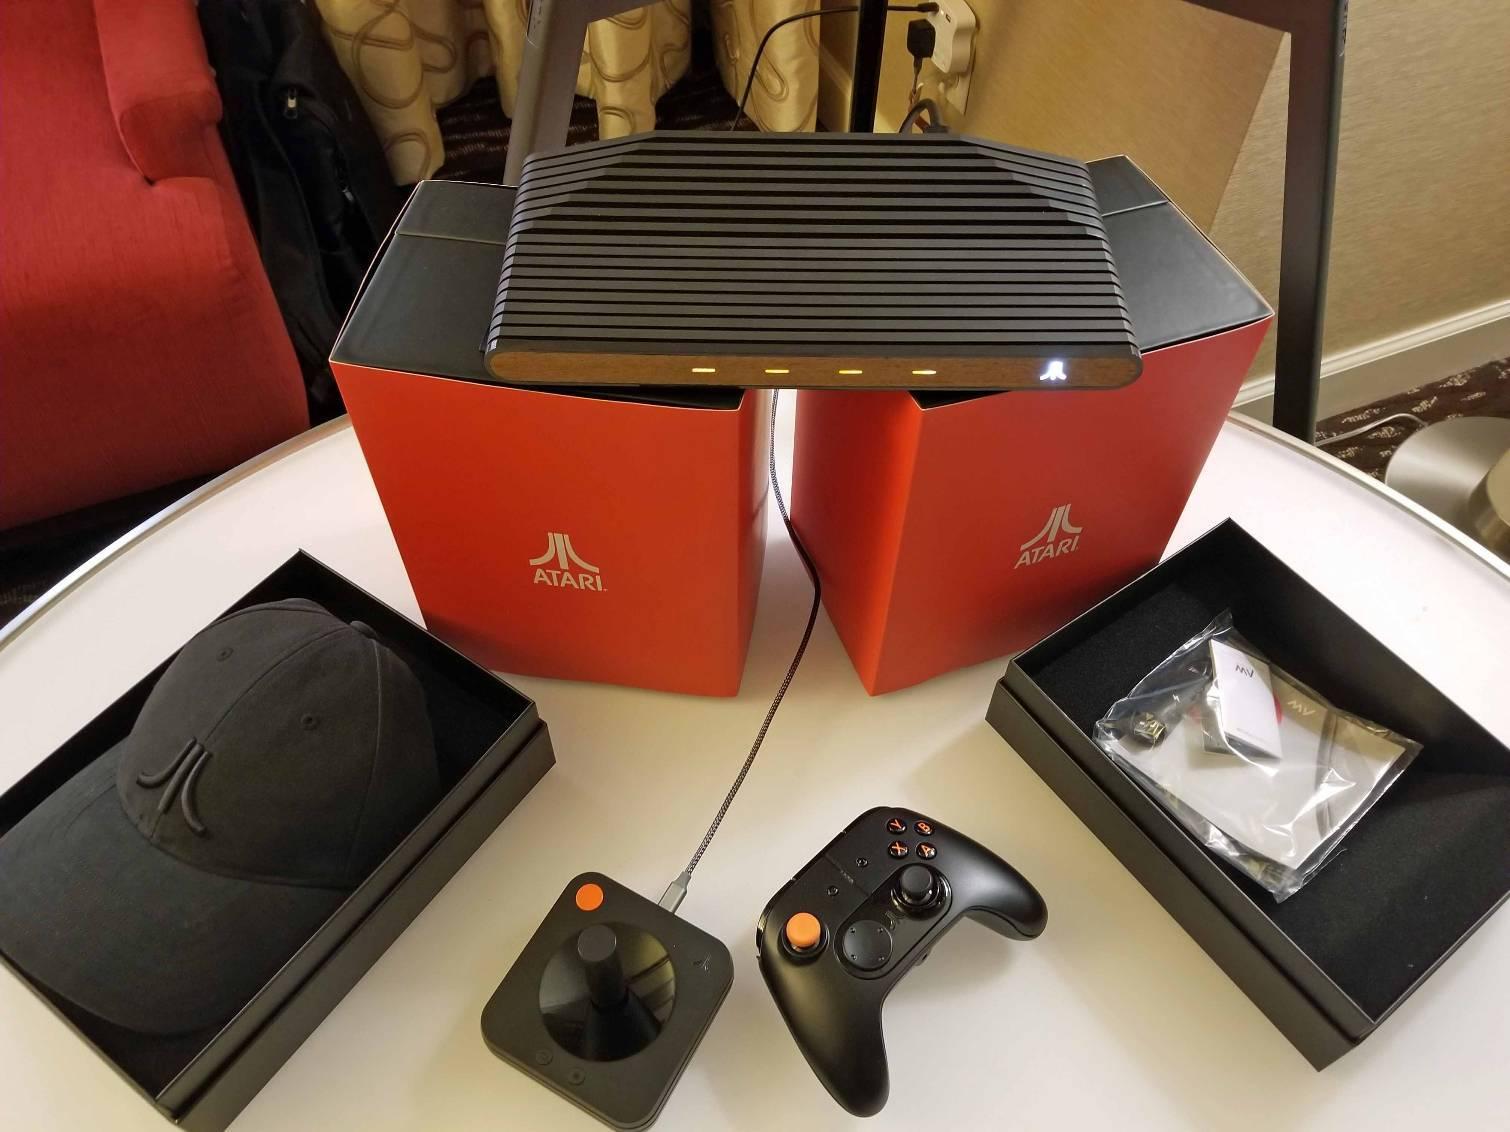 La Atari VCS no es una consola de juegos, sino un computador Linux